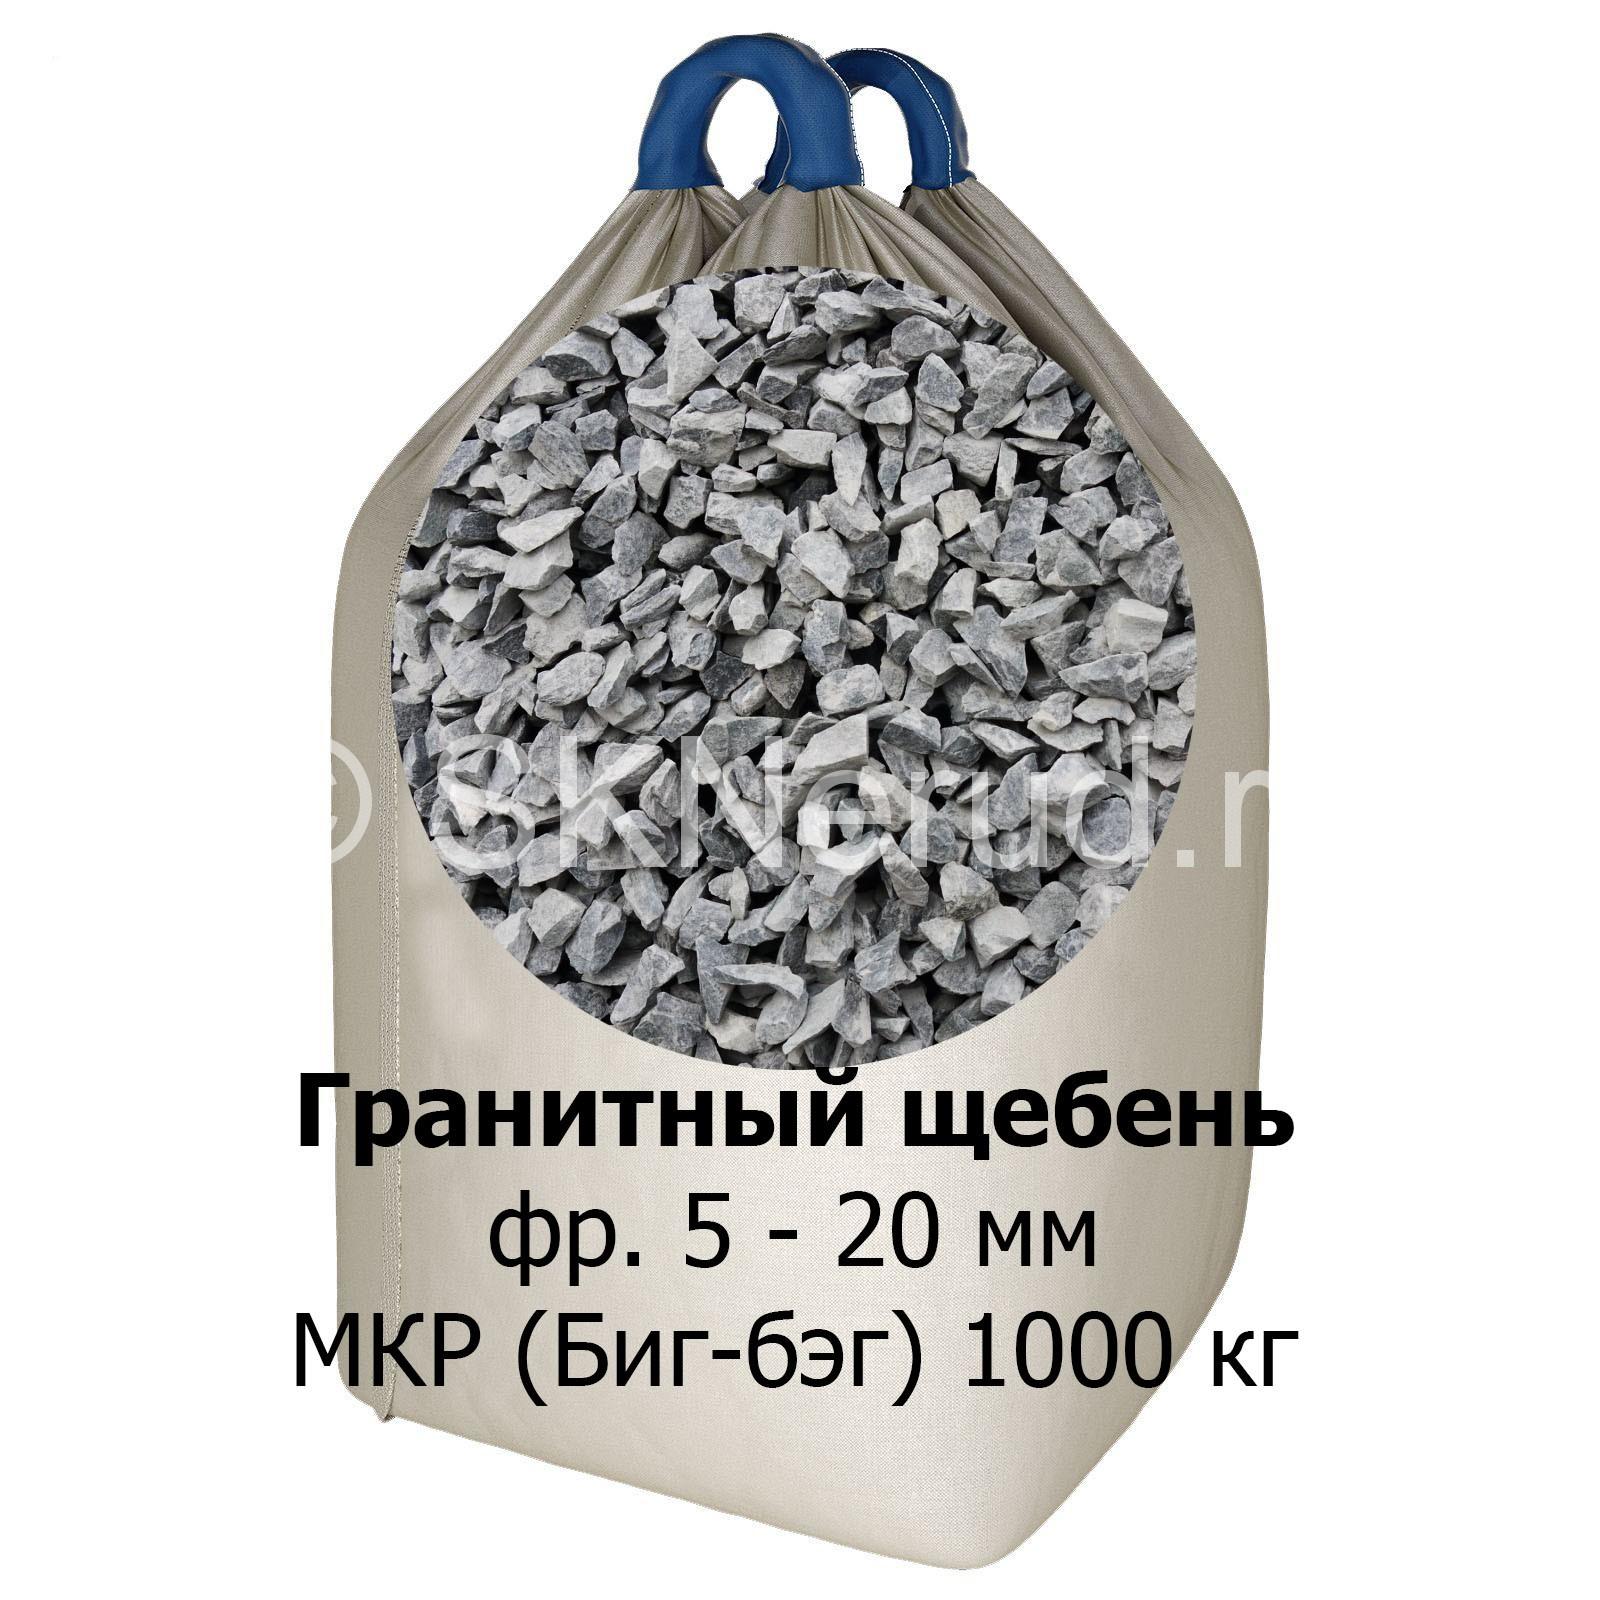 Щебень гранитный 5-20 в МКР (Биг-бег)